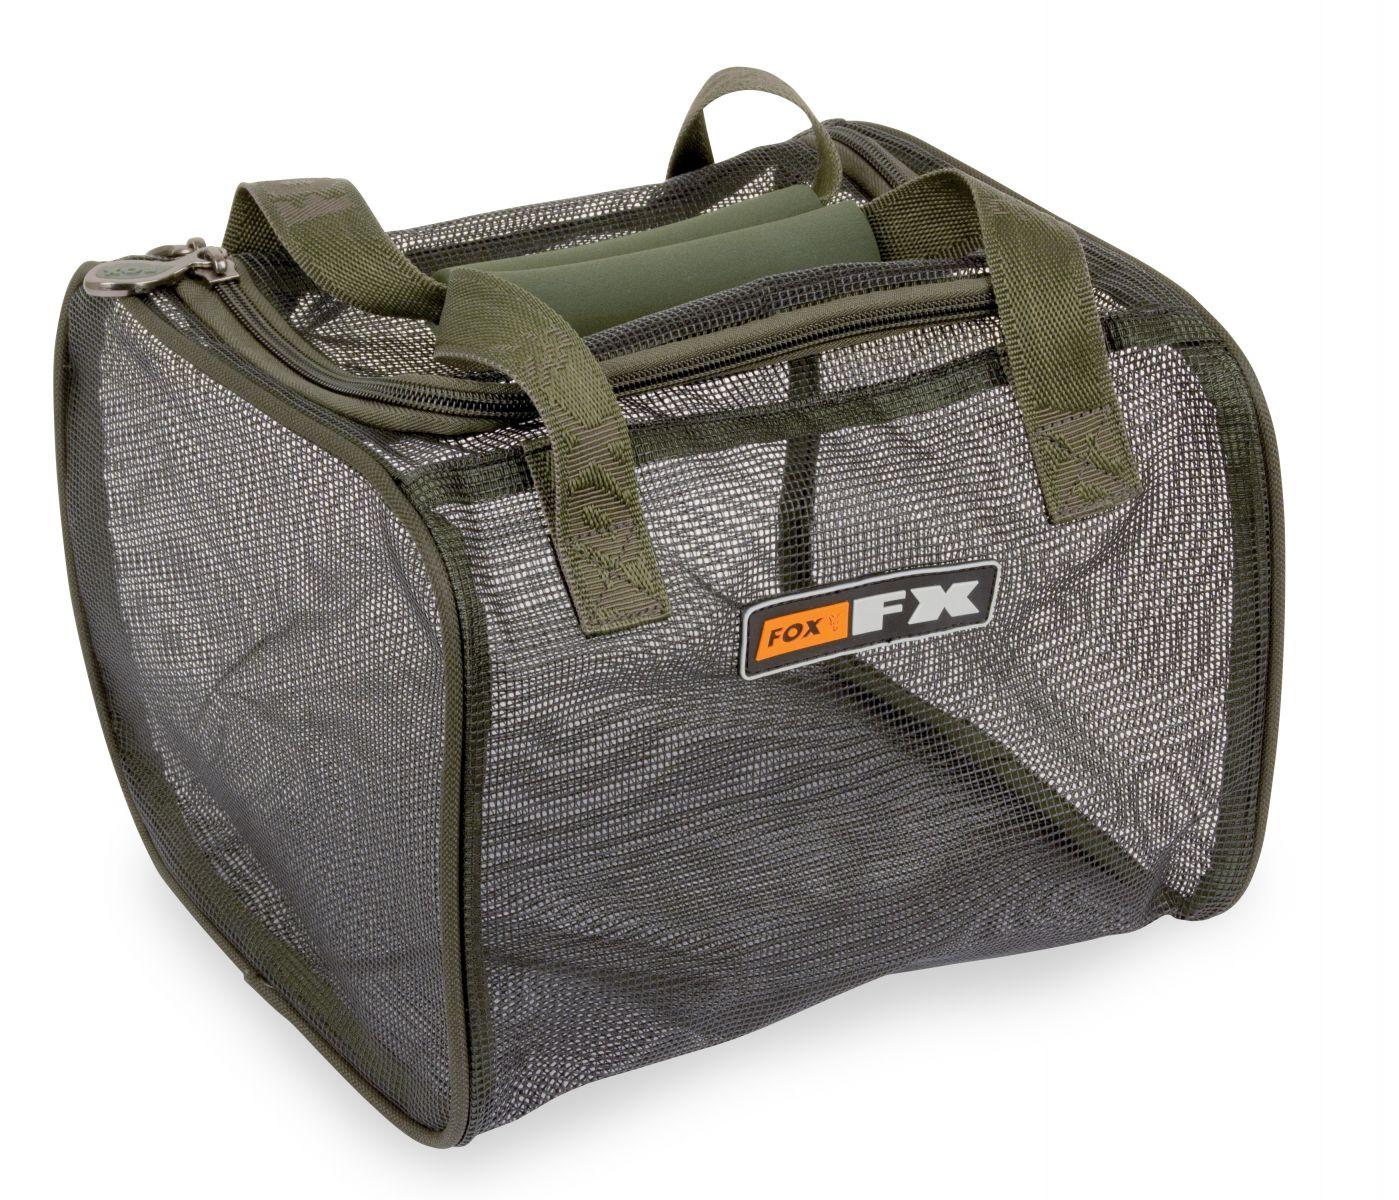 /produkty/114/kaprarske-tasky/Fox/Taska-na-susenie-boilies-Boilie-Dry-Bag